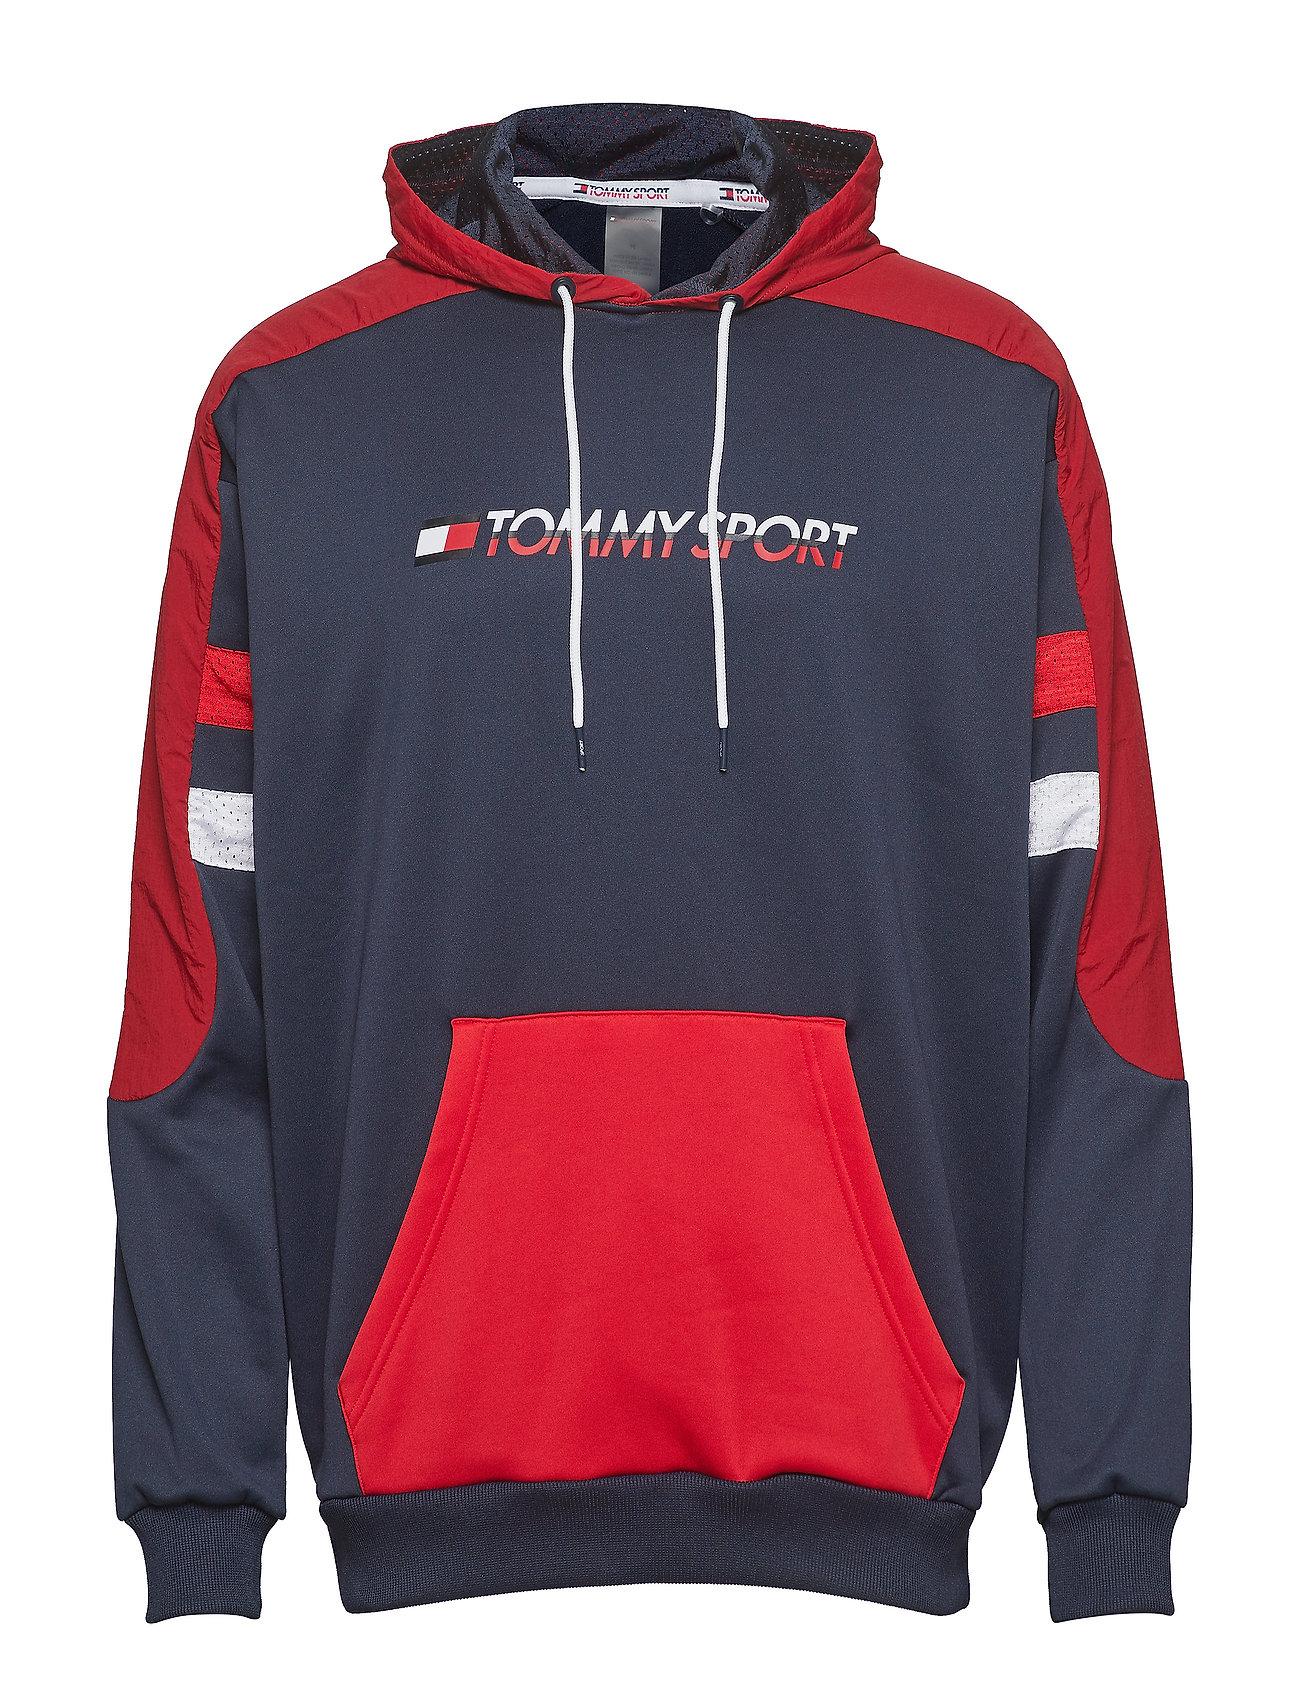 Tommy Sport BLOCK HOODY LOGO - TRUE RED